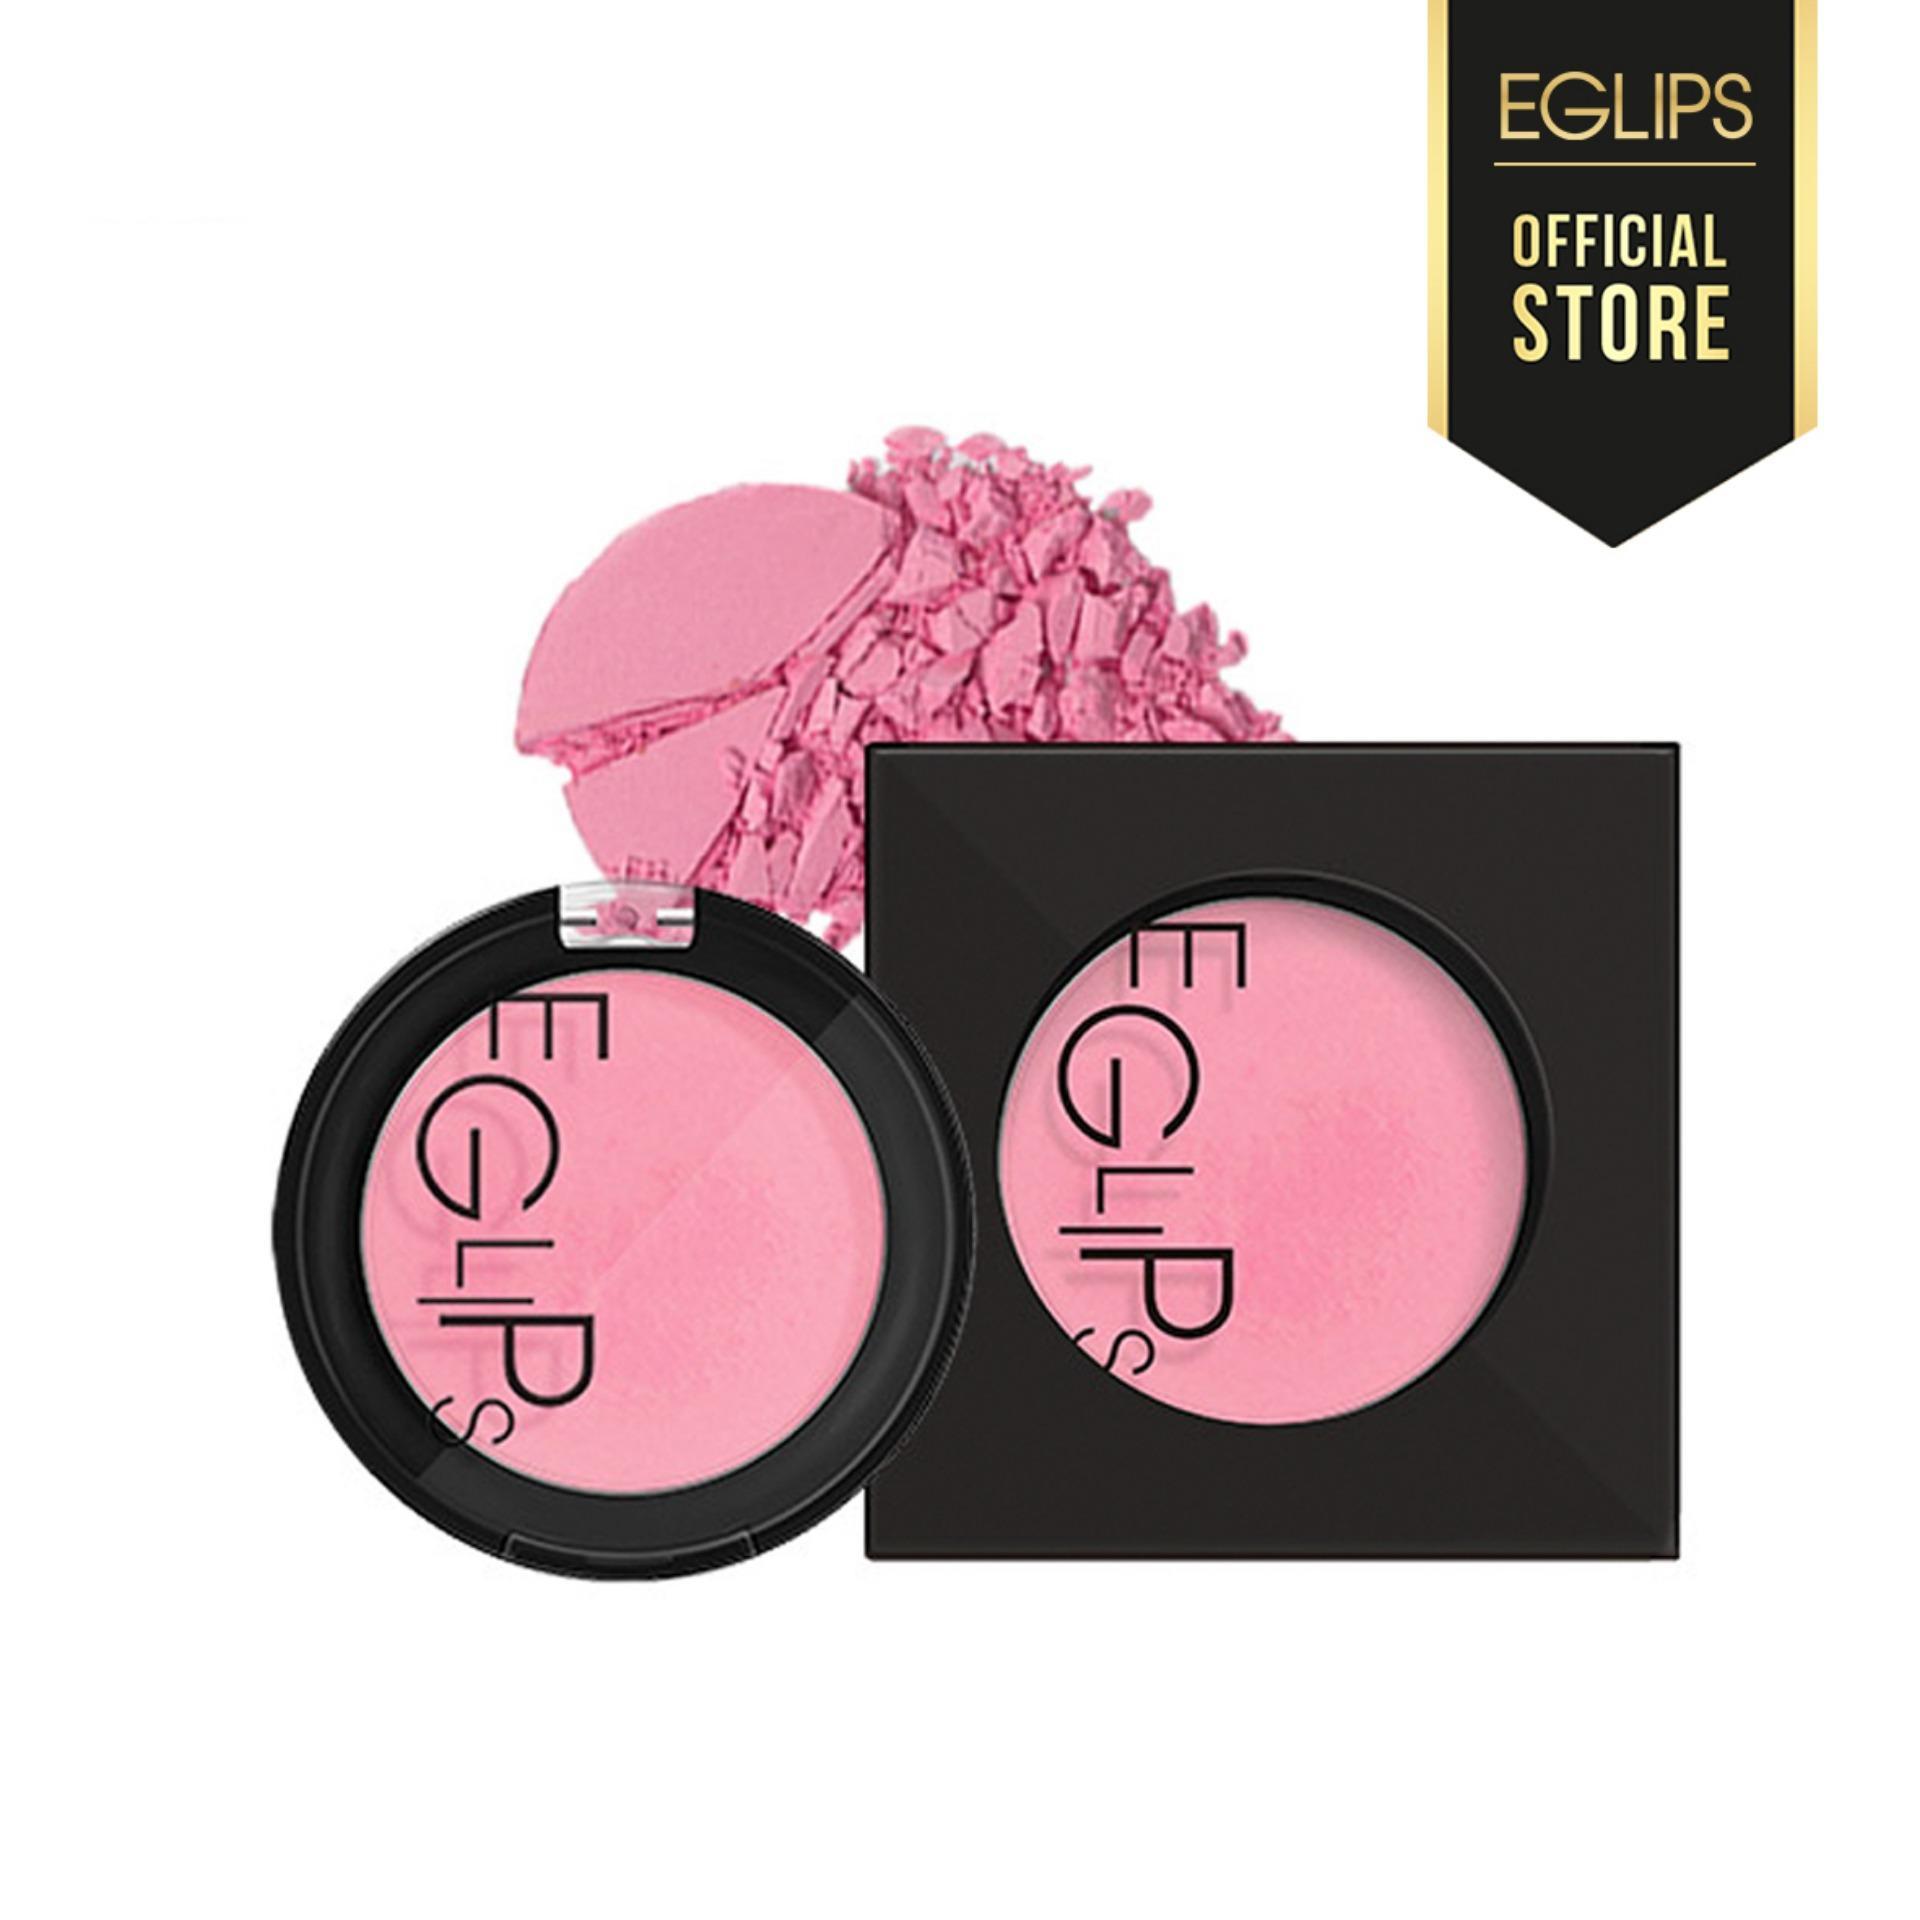 Phấn má Eglips Apple Fit Blusher - 01 Pure Pink (Màu hồng tím nhạt) tốt nhất